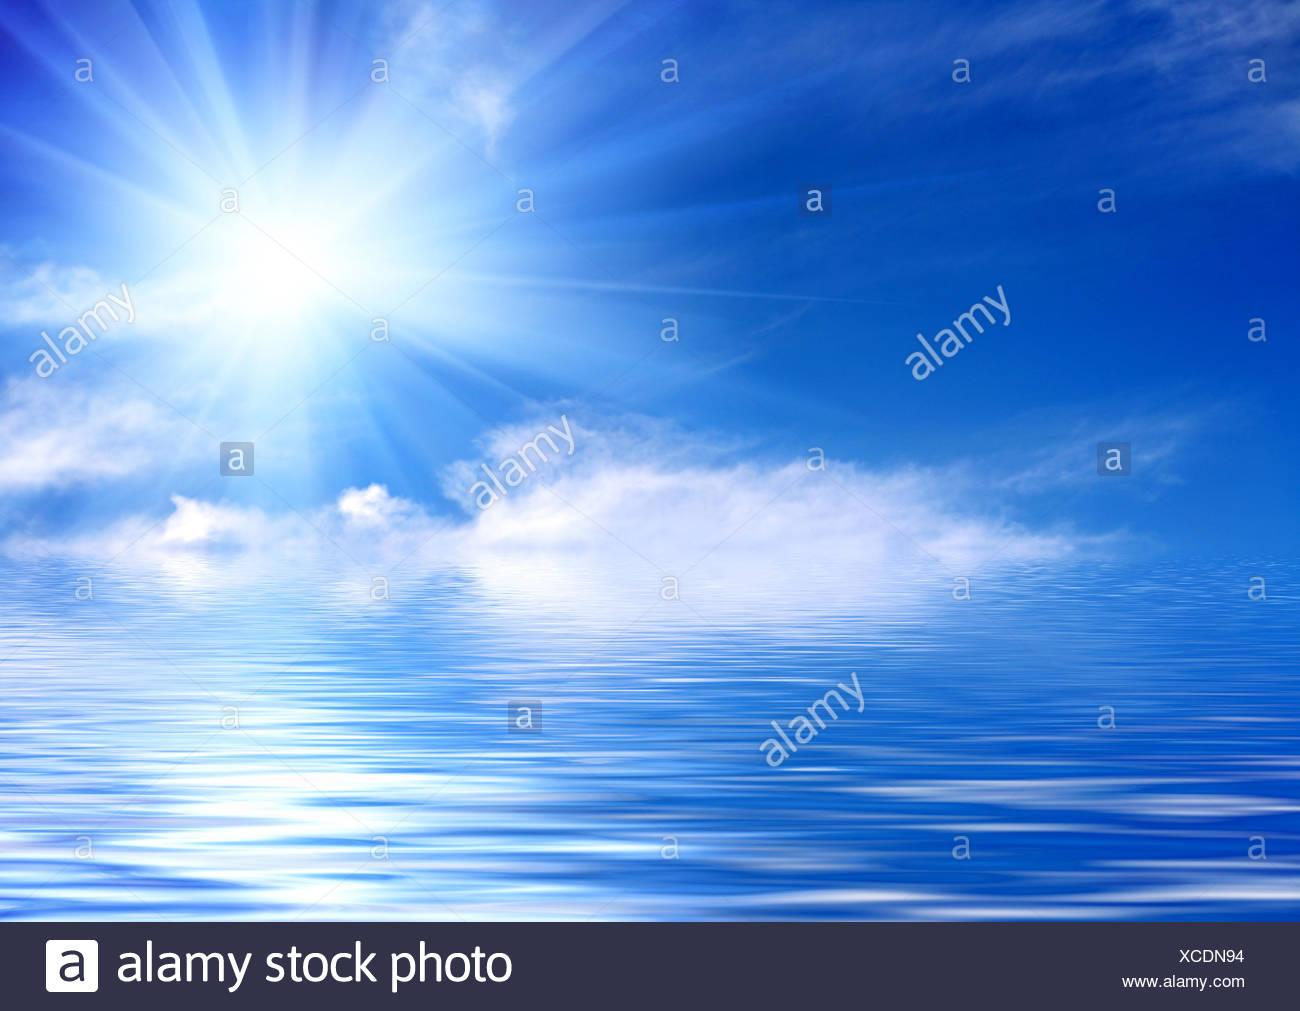 Azul cielo cubierto con nubes y sol y el reflejo en el agua Imagen De Stock